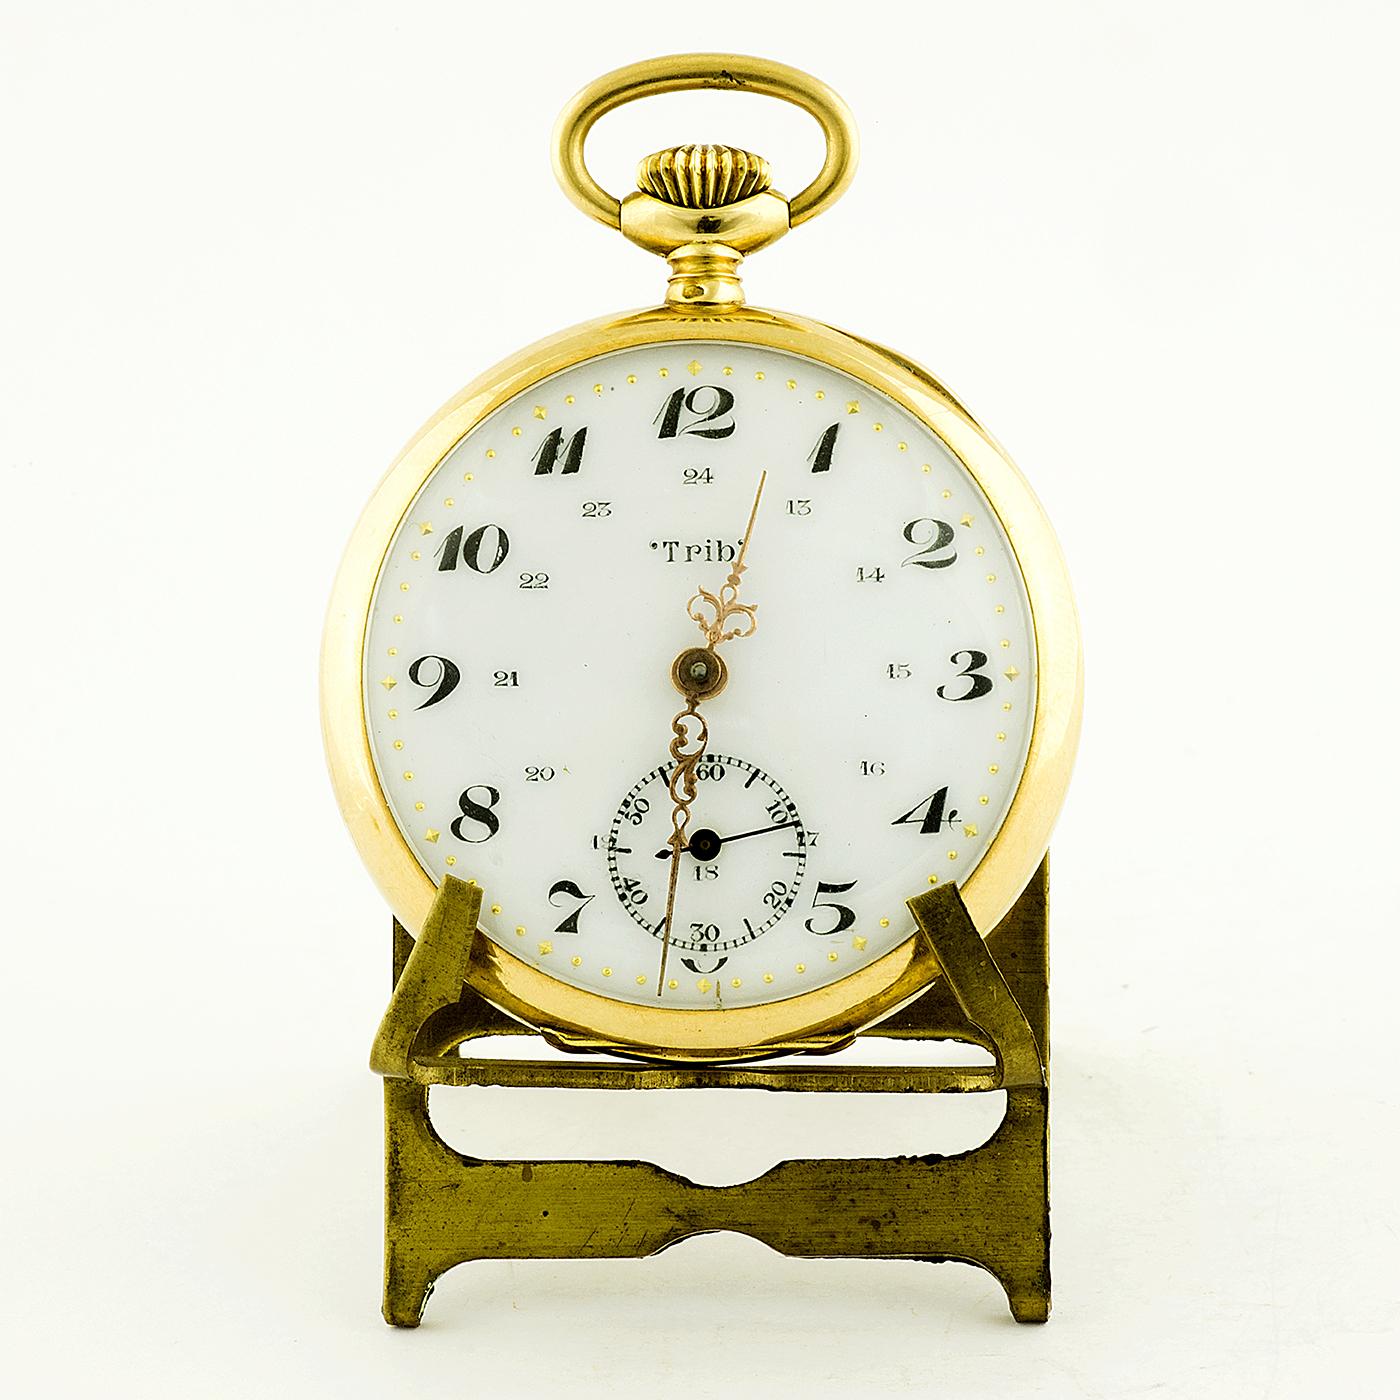 TRIB BESANÇON. Reloj de Bolsillo Oro 18k, para caballero, lepine y remontoir. Oro 18k. Francia, ca. 1920.